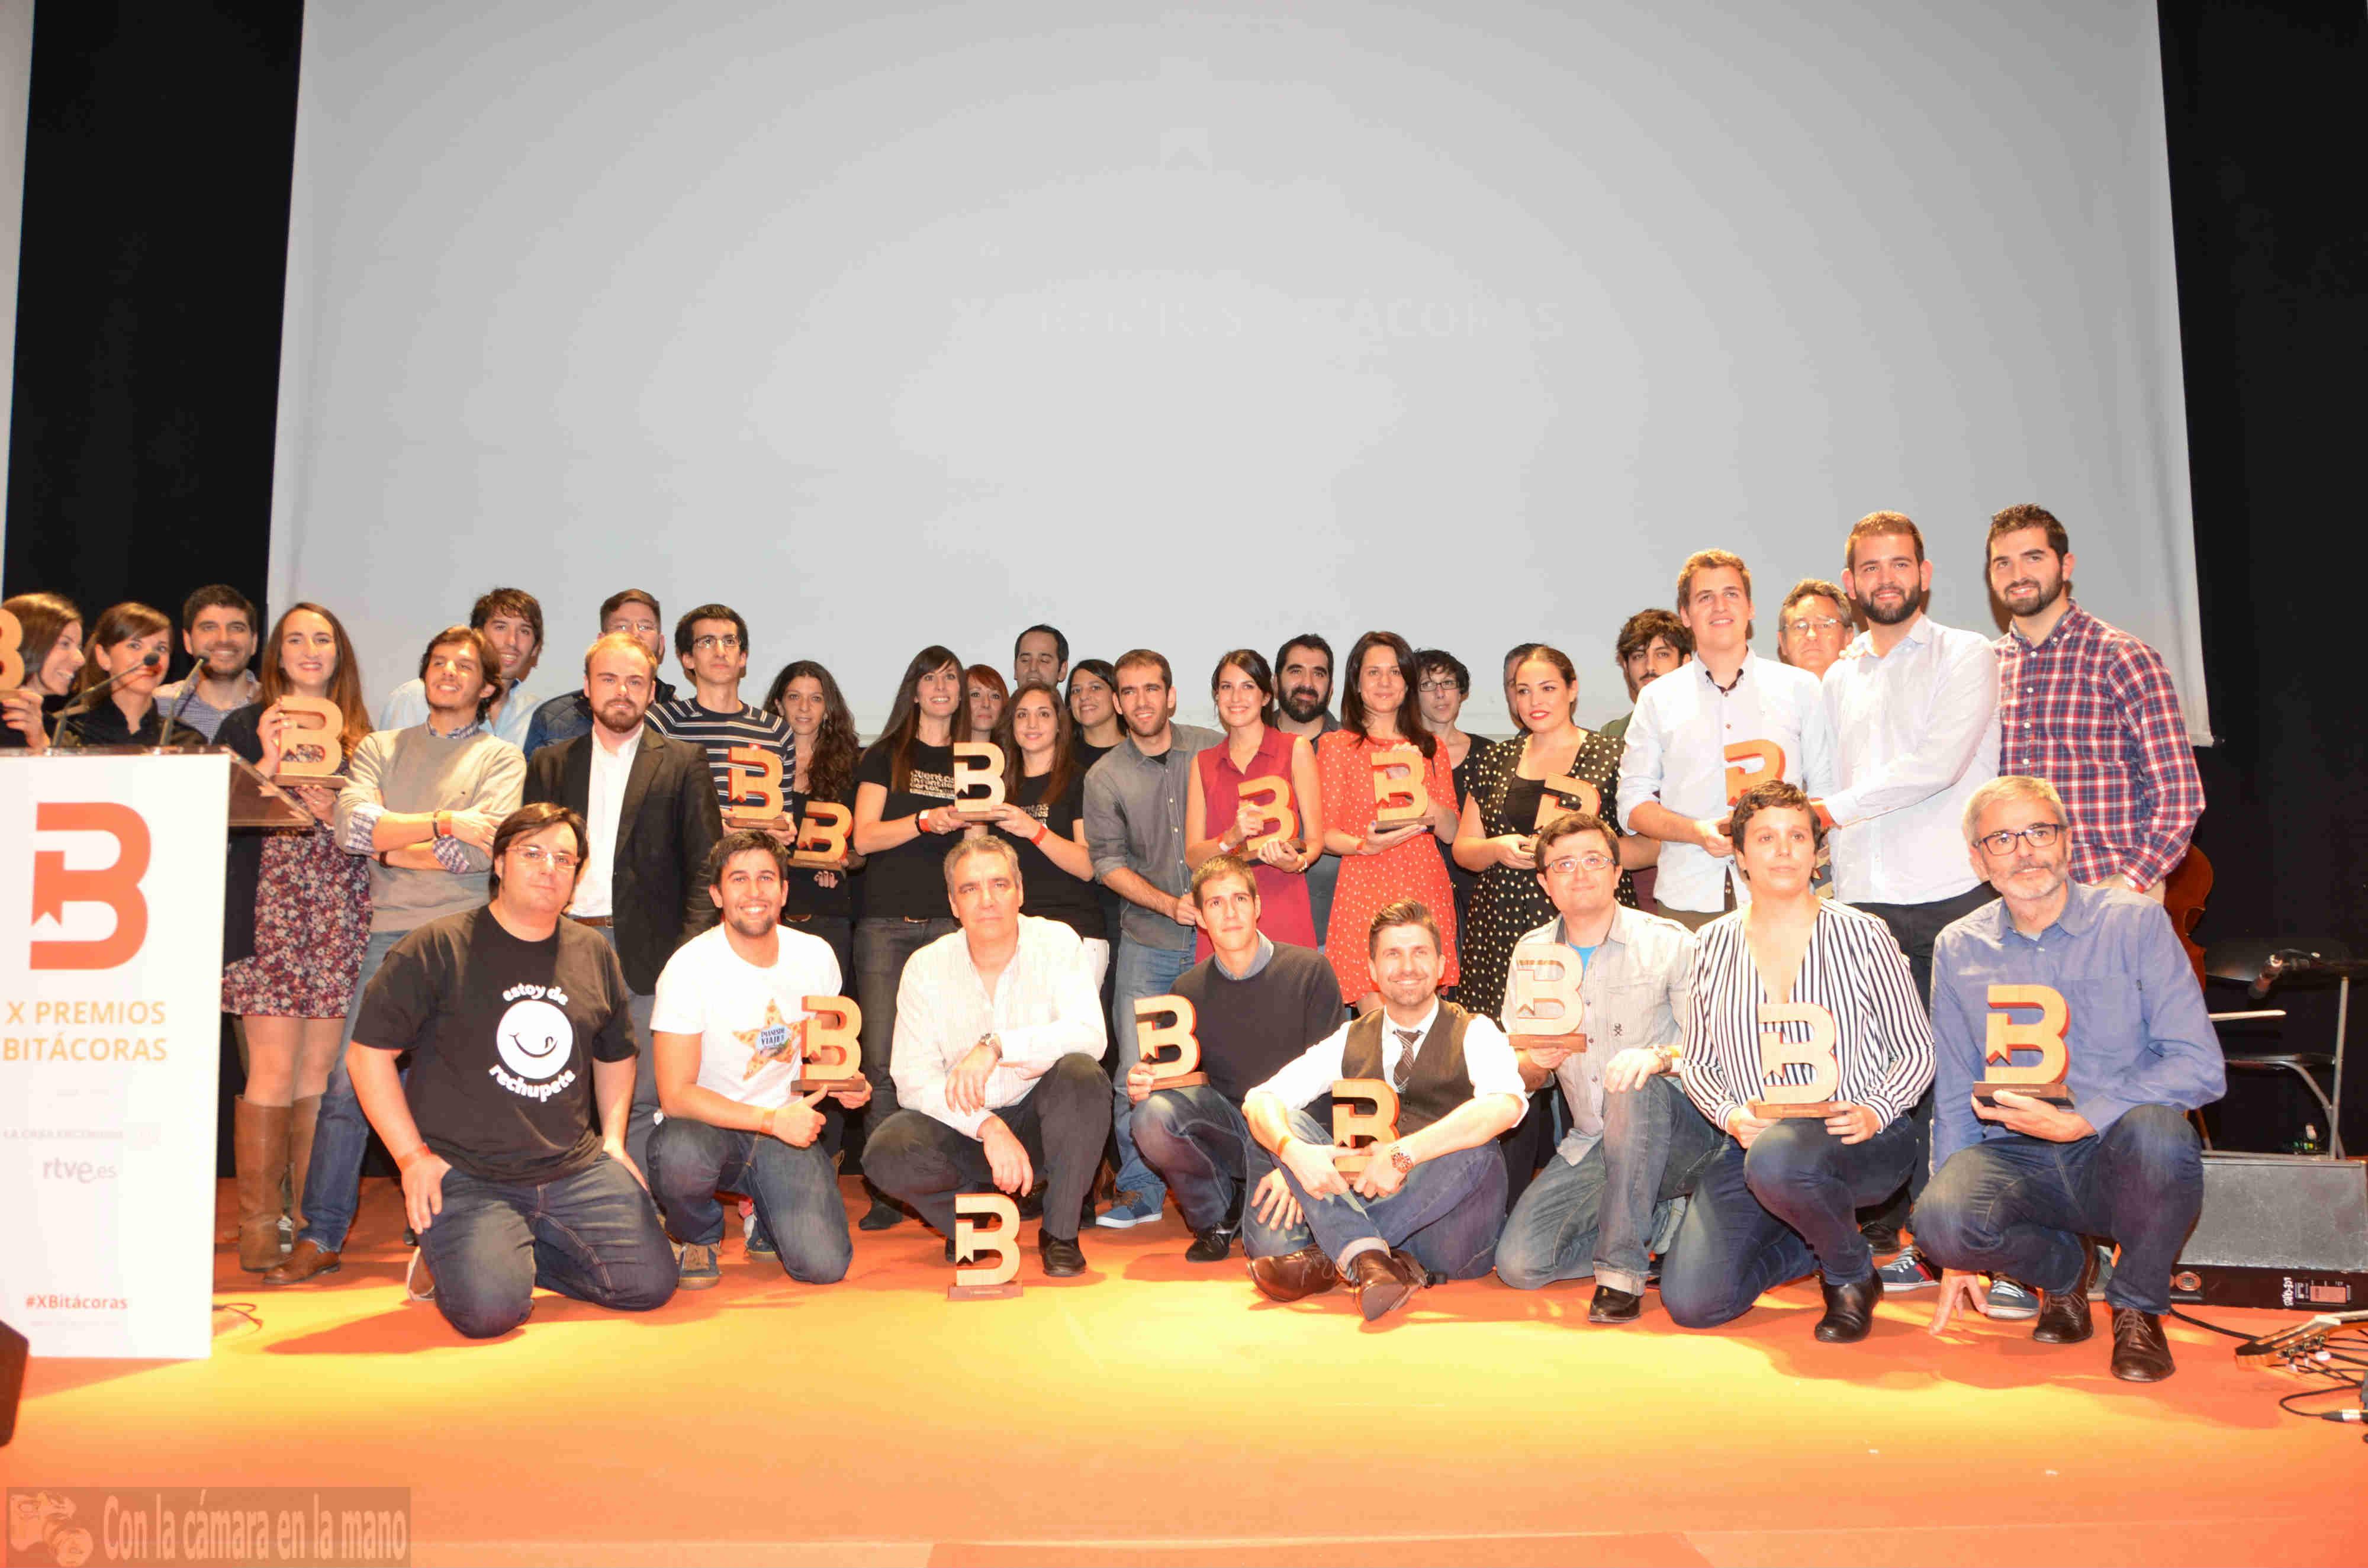 Gala X Premios Bitácoras #XBitácoras